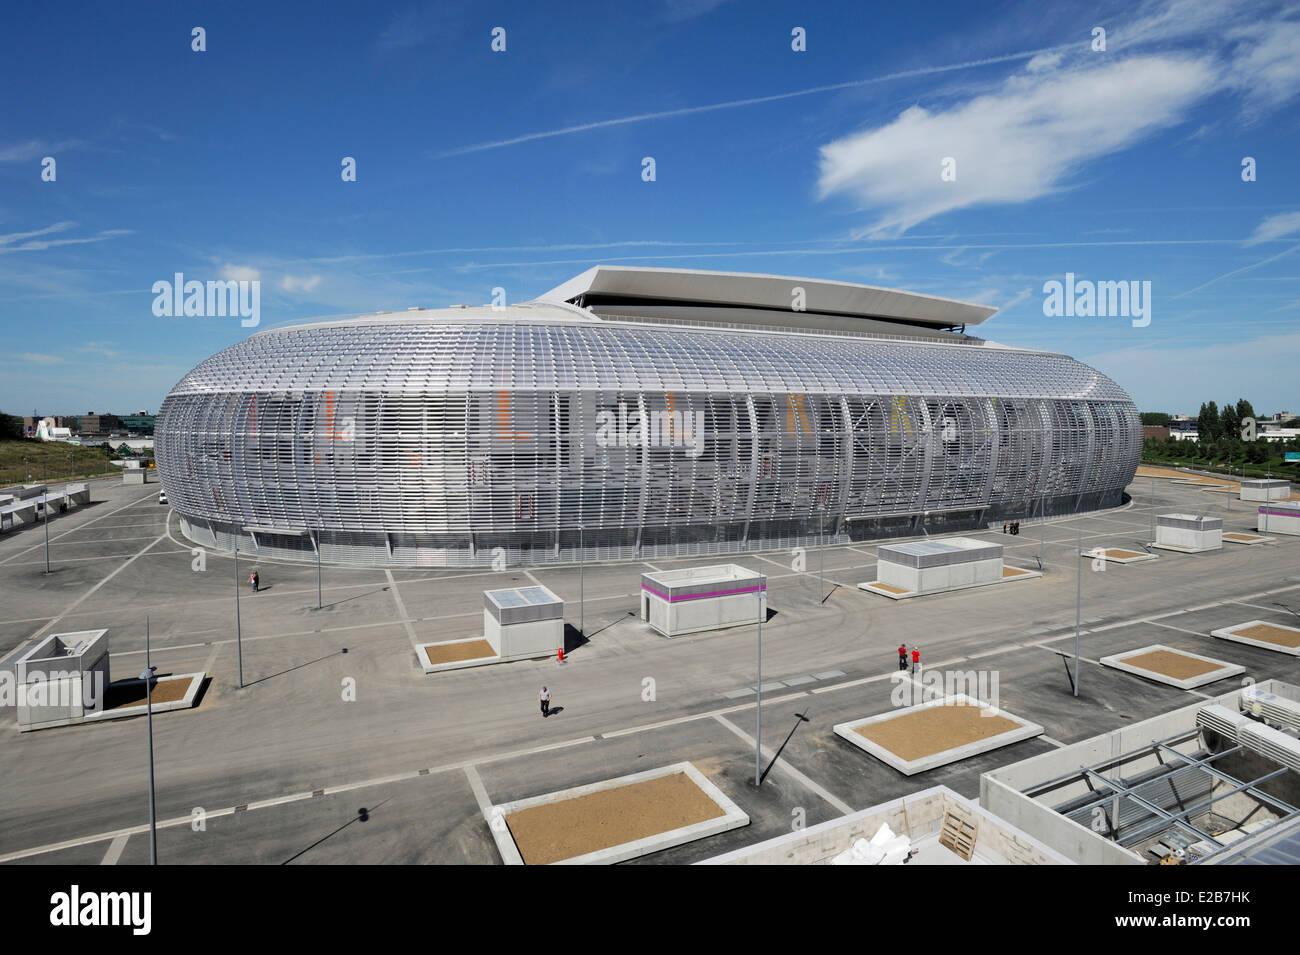 france, nord, villeneuve d'ascq grand stade lille métropole, conçu